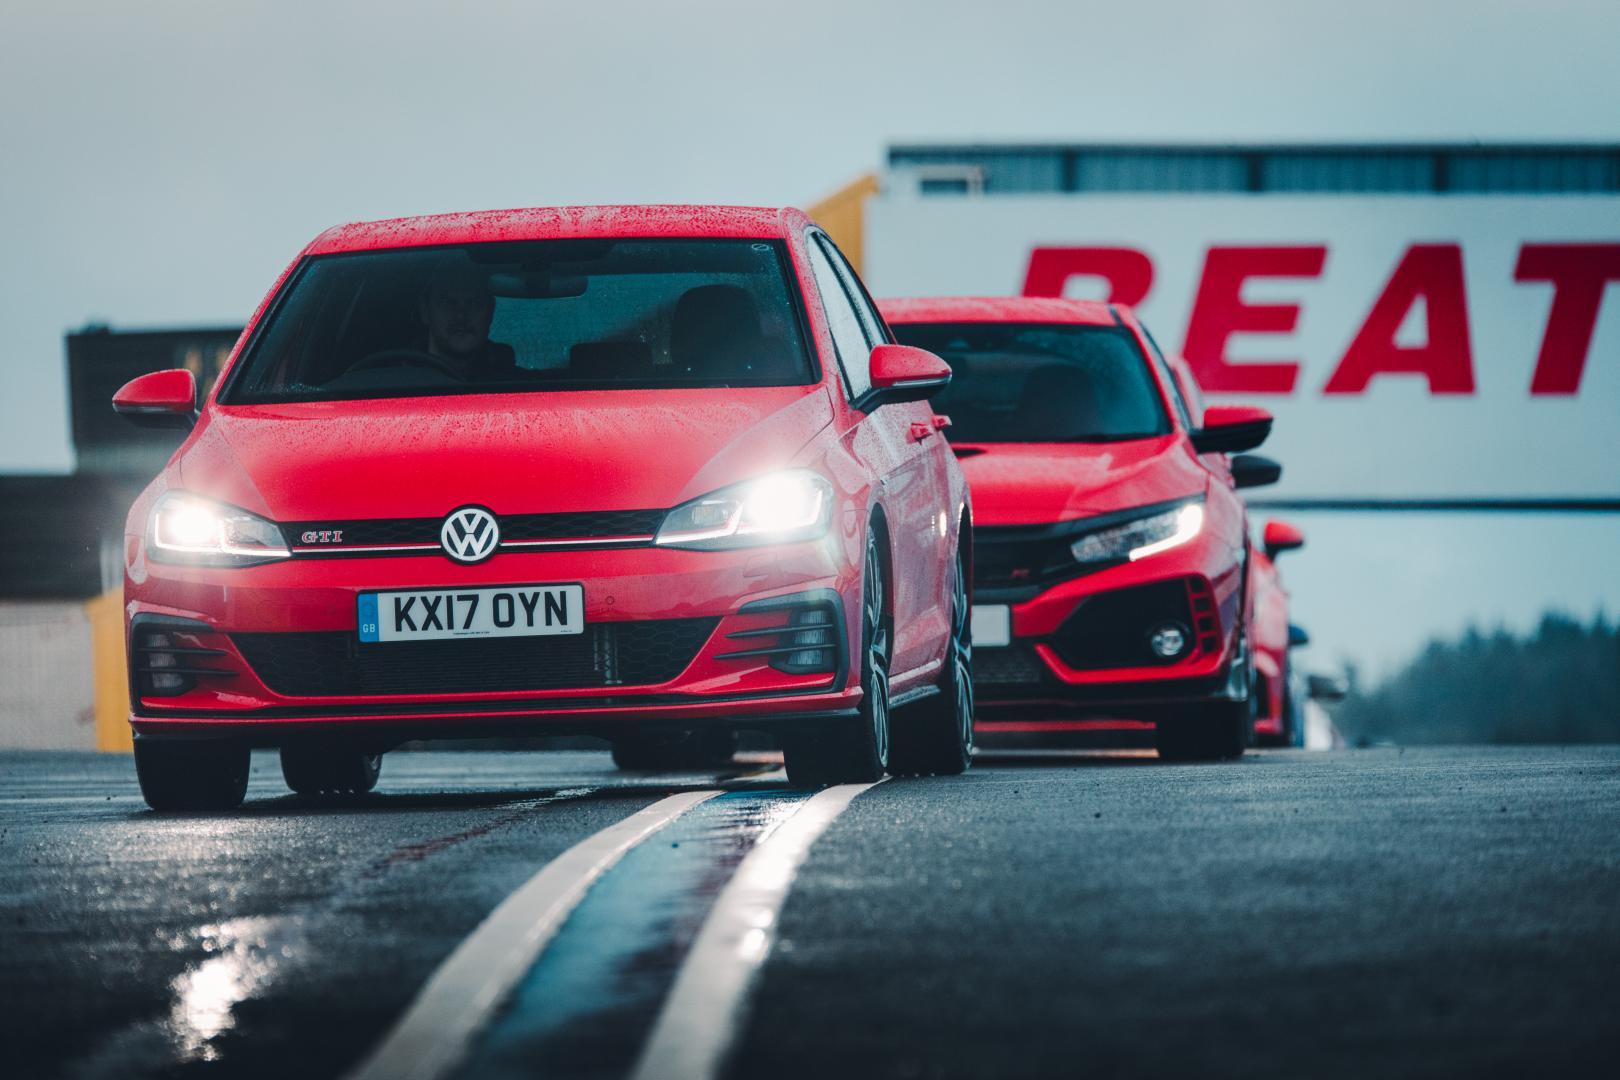 Volkswagen Golf Gti vs honda civic type-r